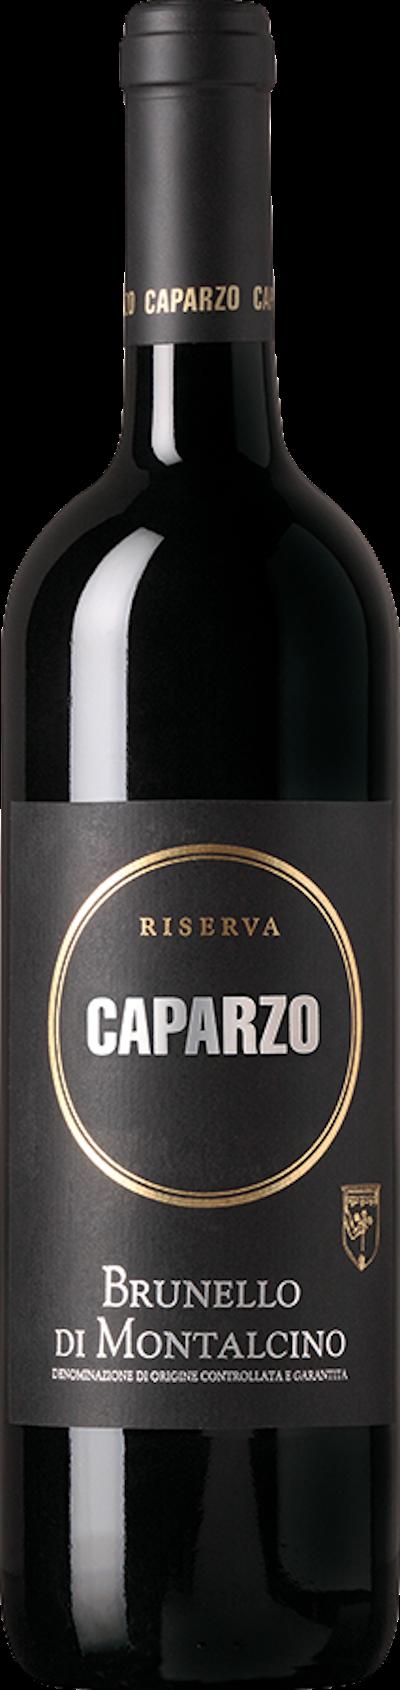 Caparzo - Brunello di Montalcino DOCG Riserva